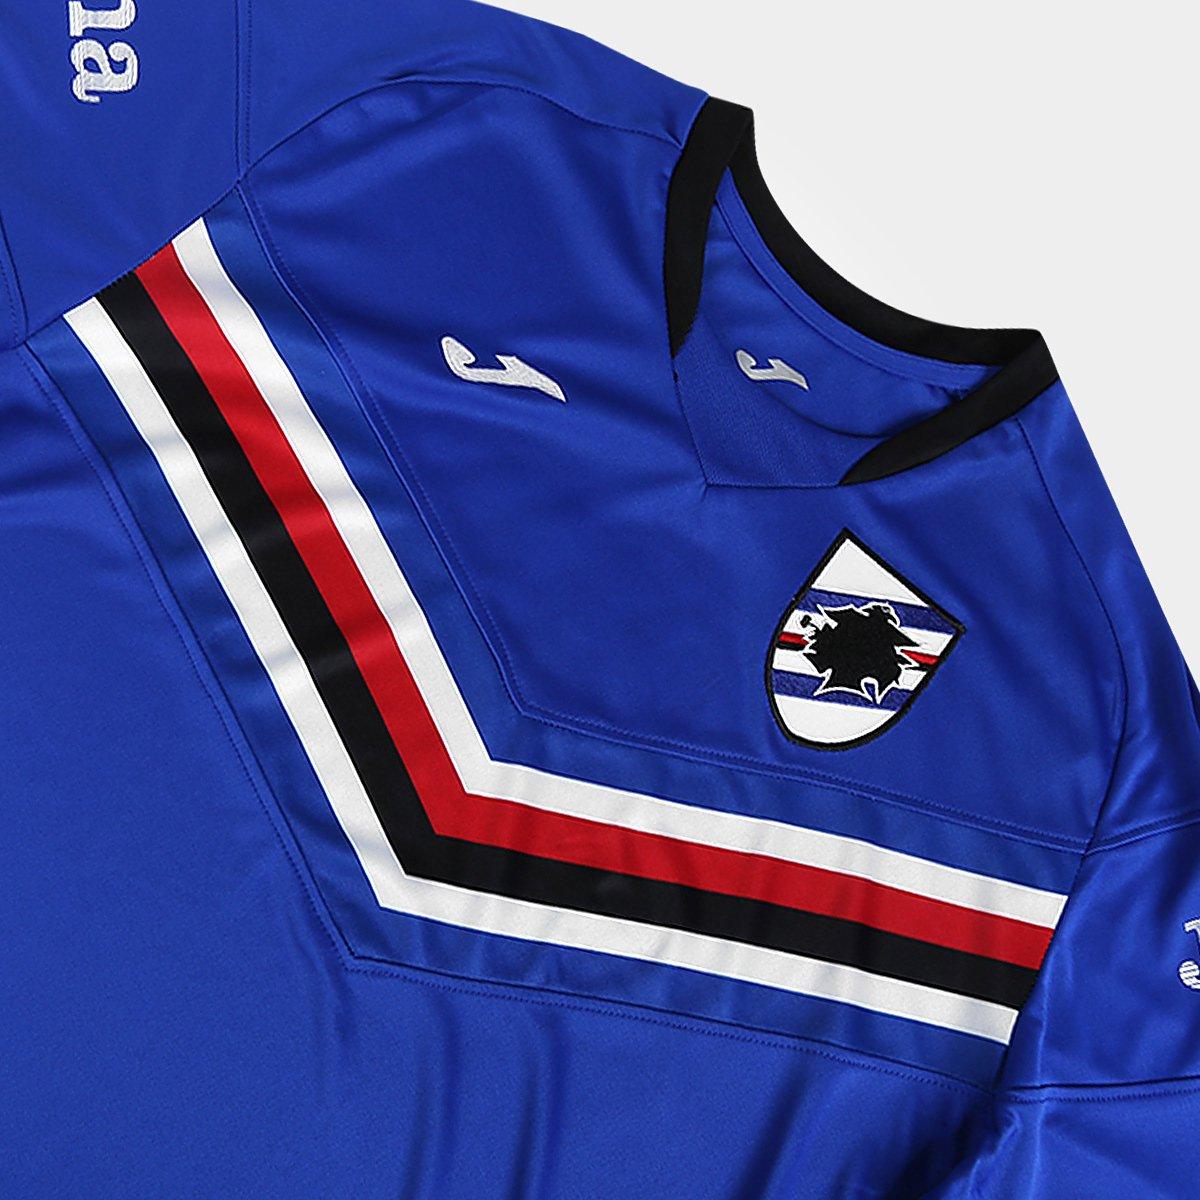 47e04a7f0b Camisa de Treino Sampdoria Joma Masculina - Compre Agora